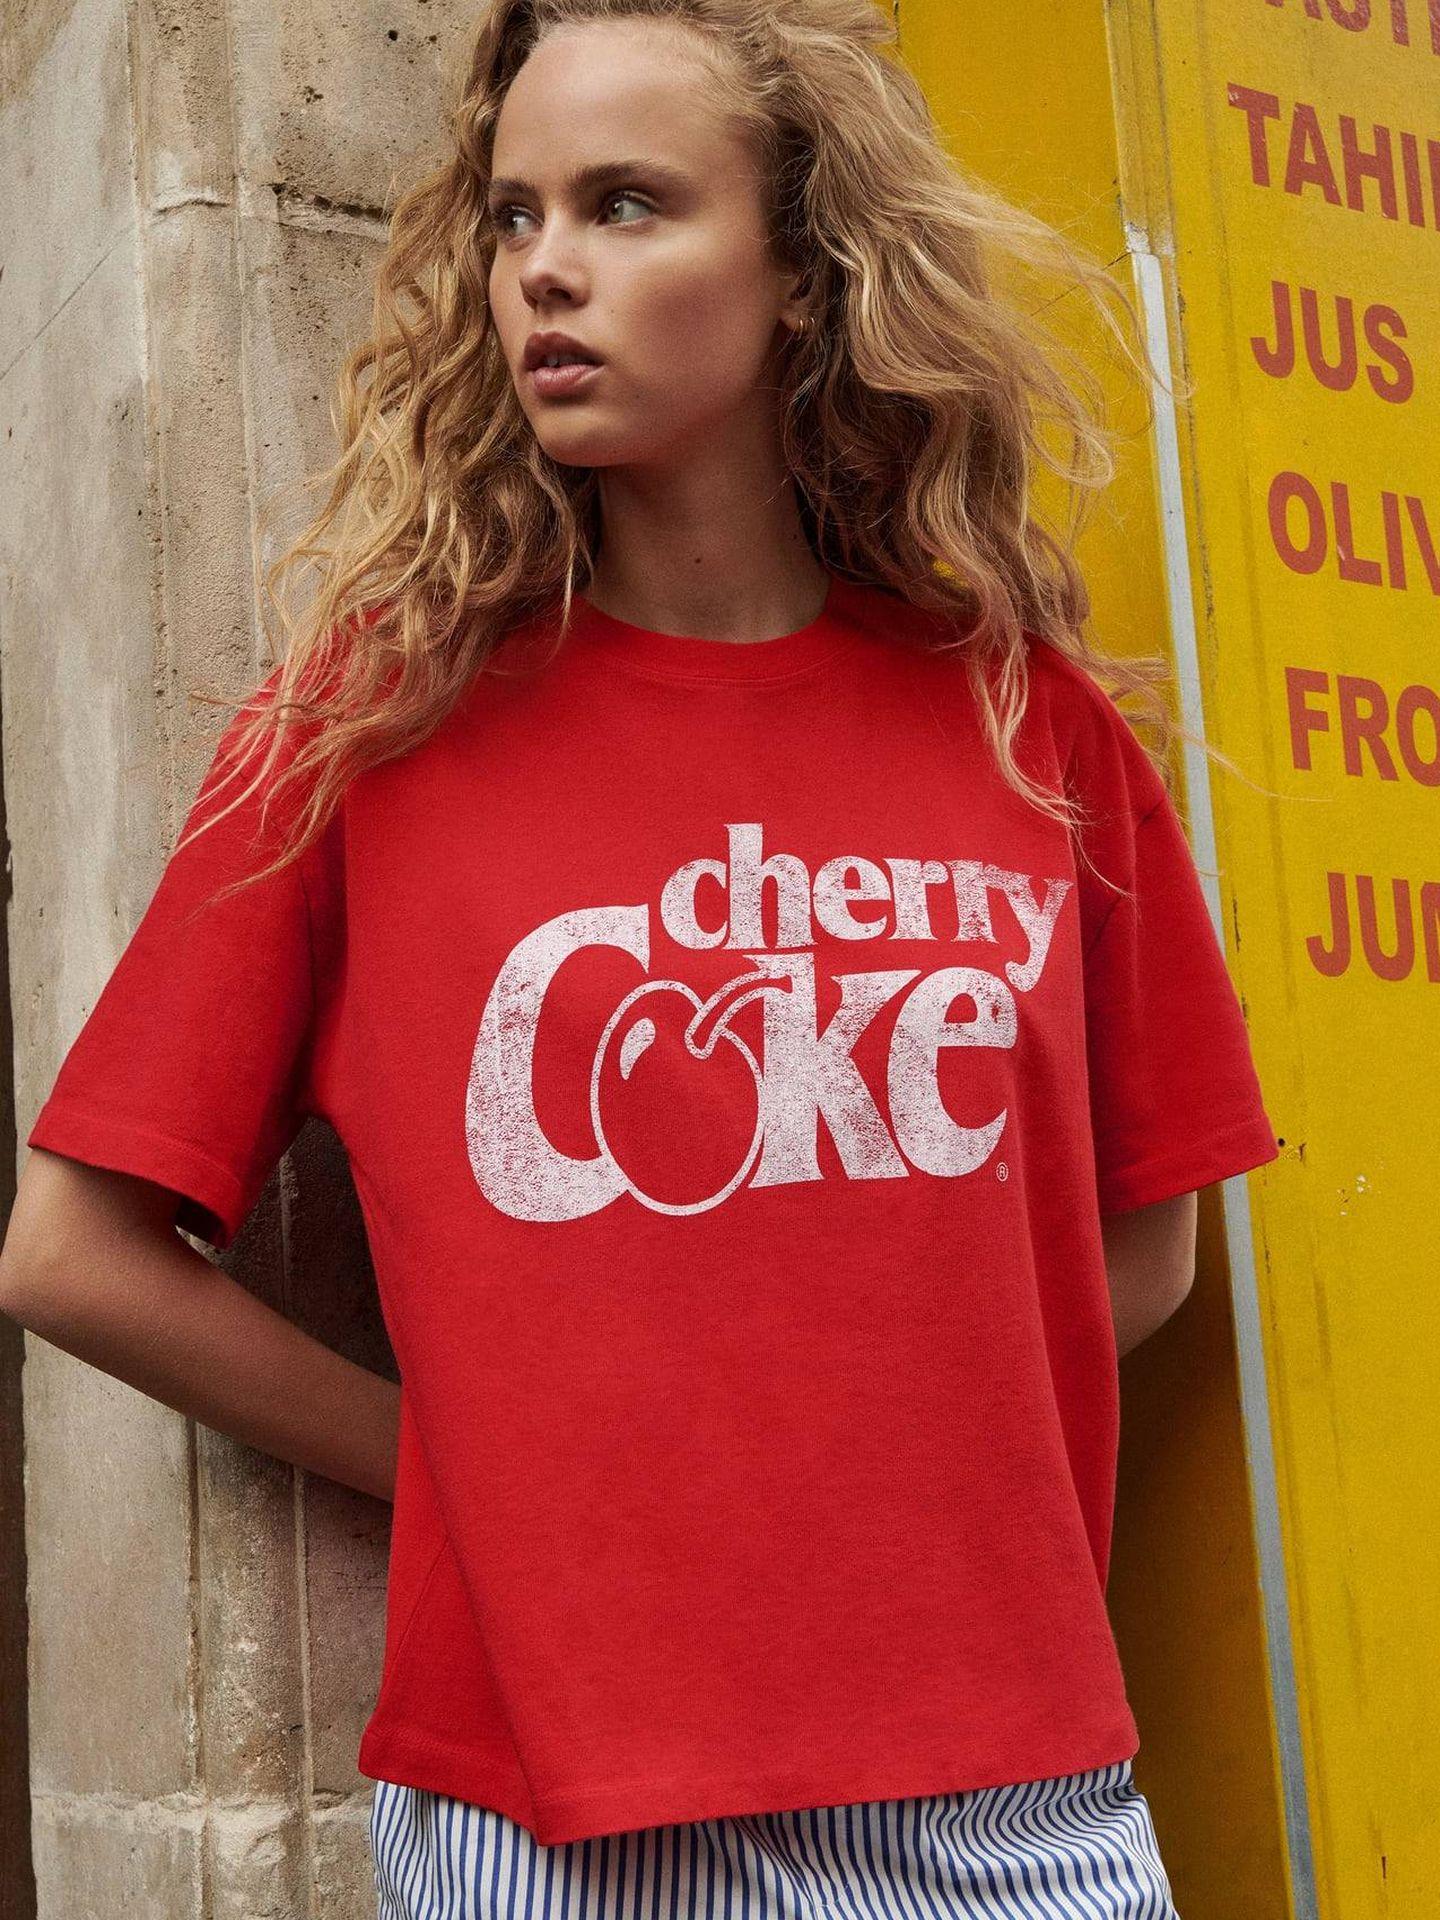 Camiseta de Cherry Coke de Zara. (Cortesía)